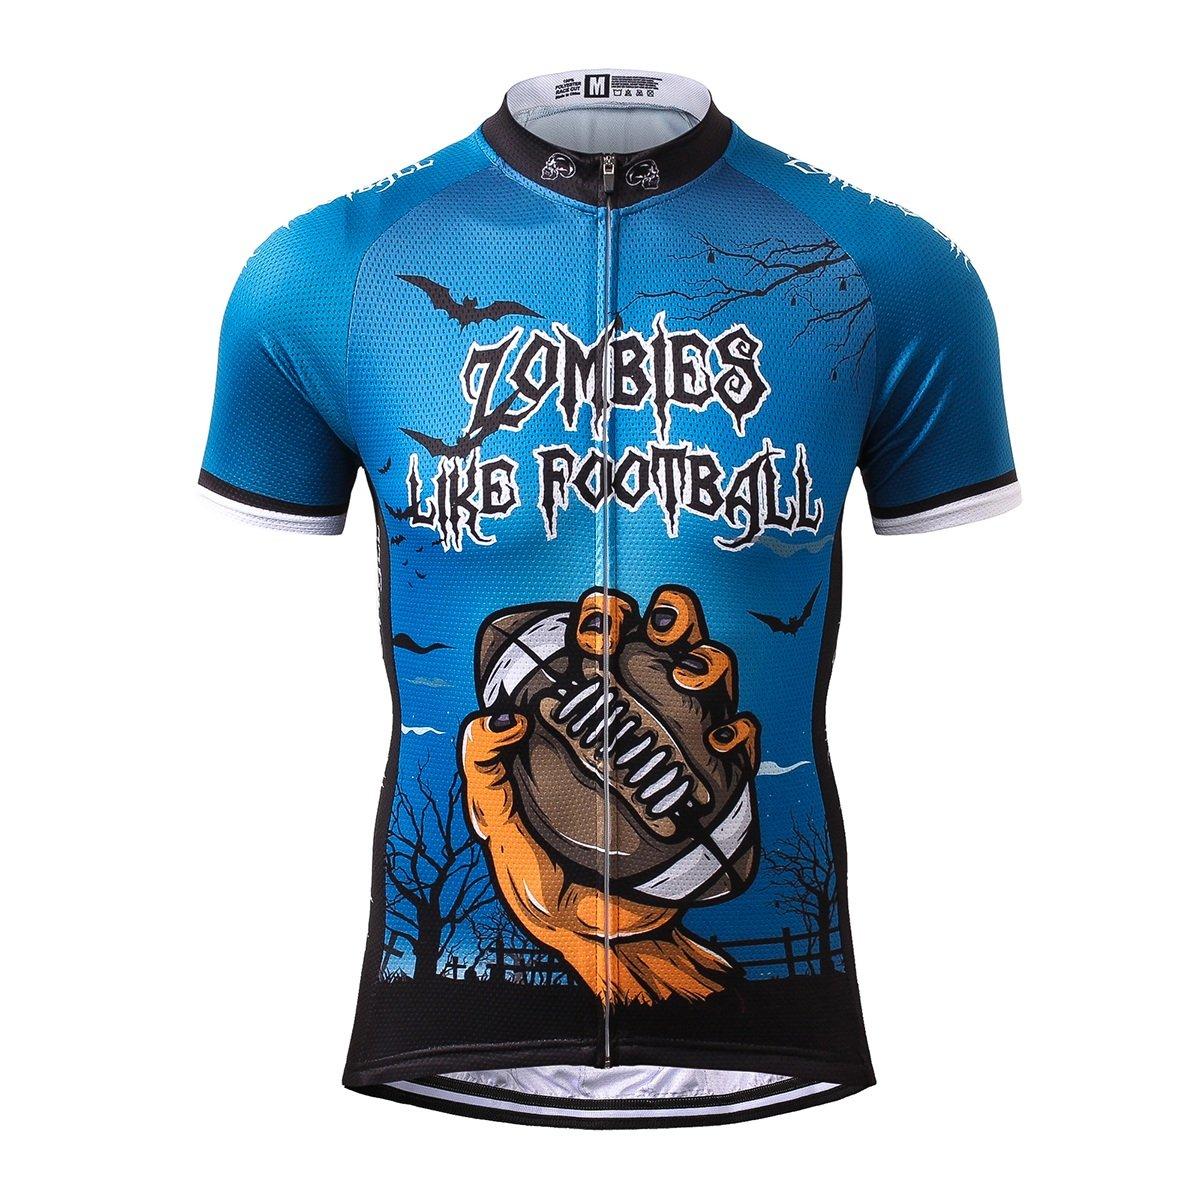 Thriller Rider Sports® Uomo Zombie Like Football Sport e Tempo Libero Abbigliamento Ciclismo Magliette Manica Corta 3 Colors Sports Thriller Rider